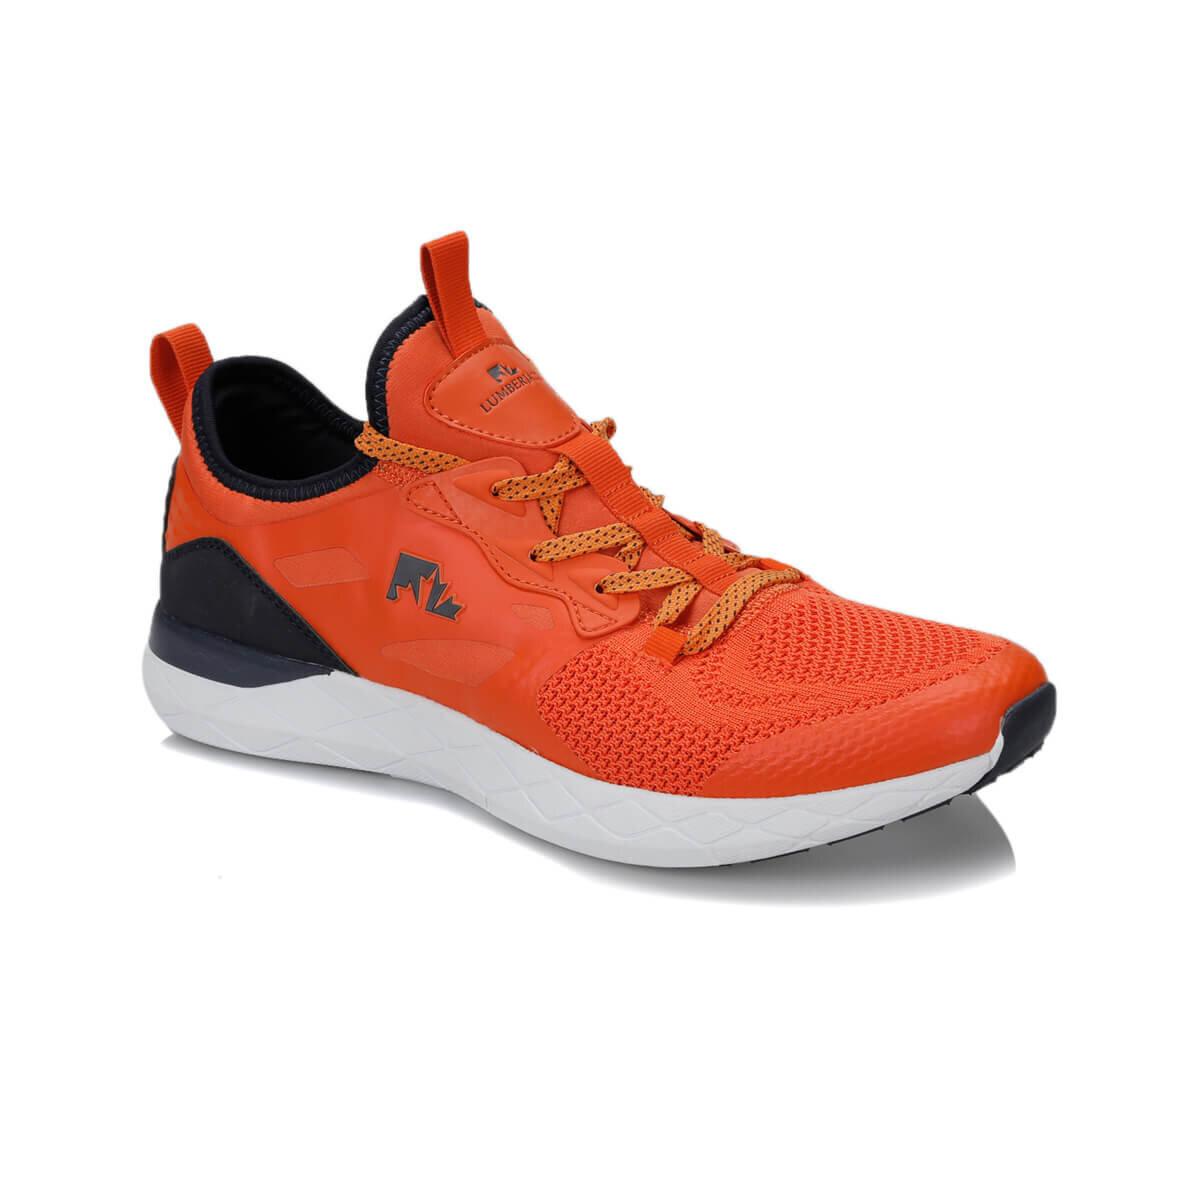 TURUNCU Erkek Koşu Ayakkabısı MINHO